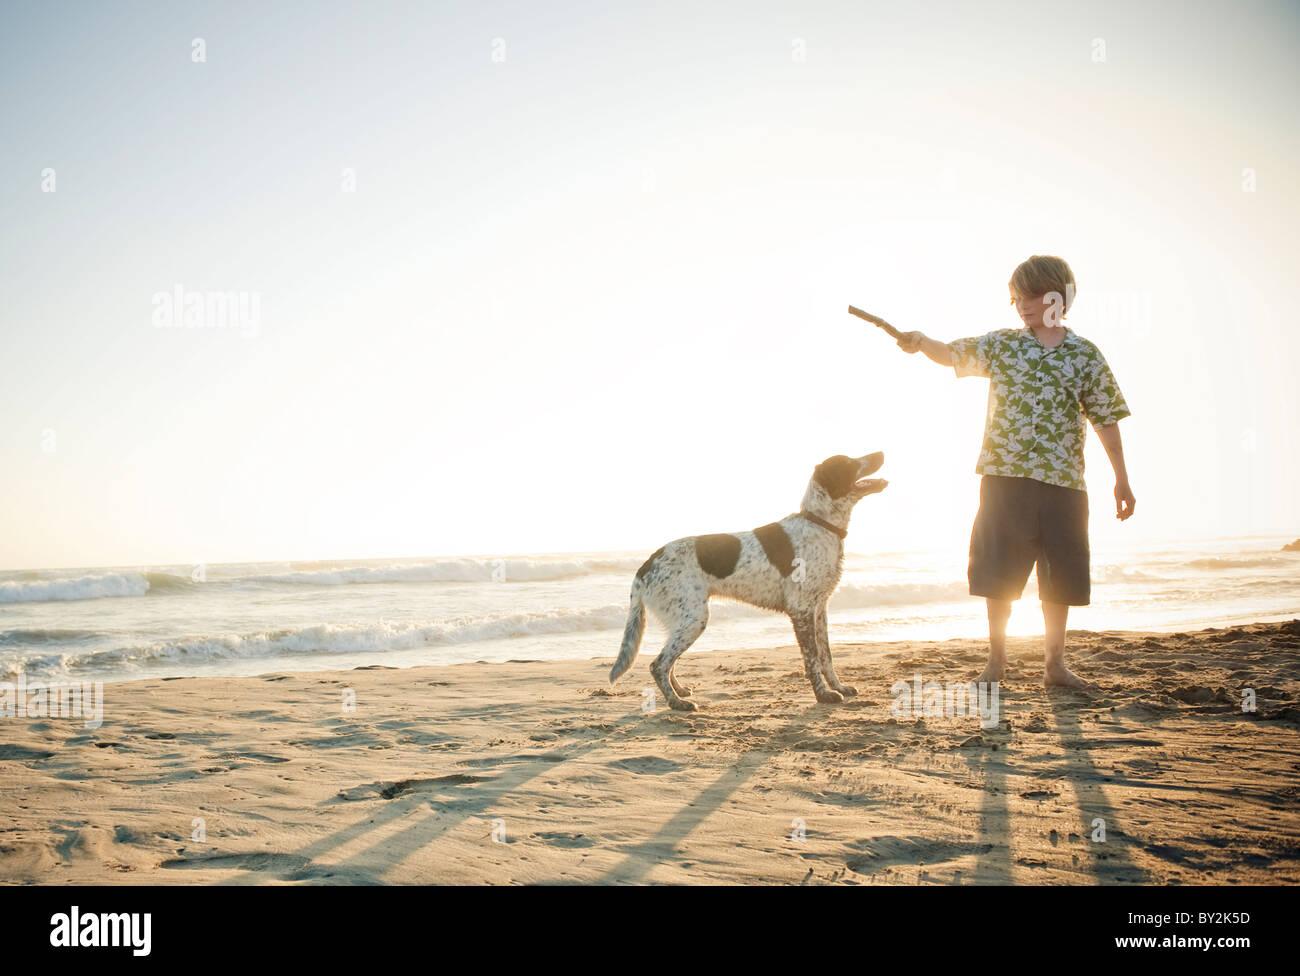 Un jeune garçon joue avec son chien sur une plage au Mexique. Photo Stock